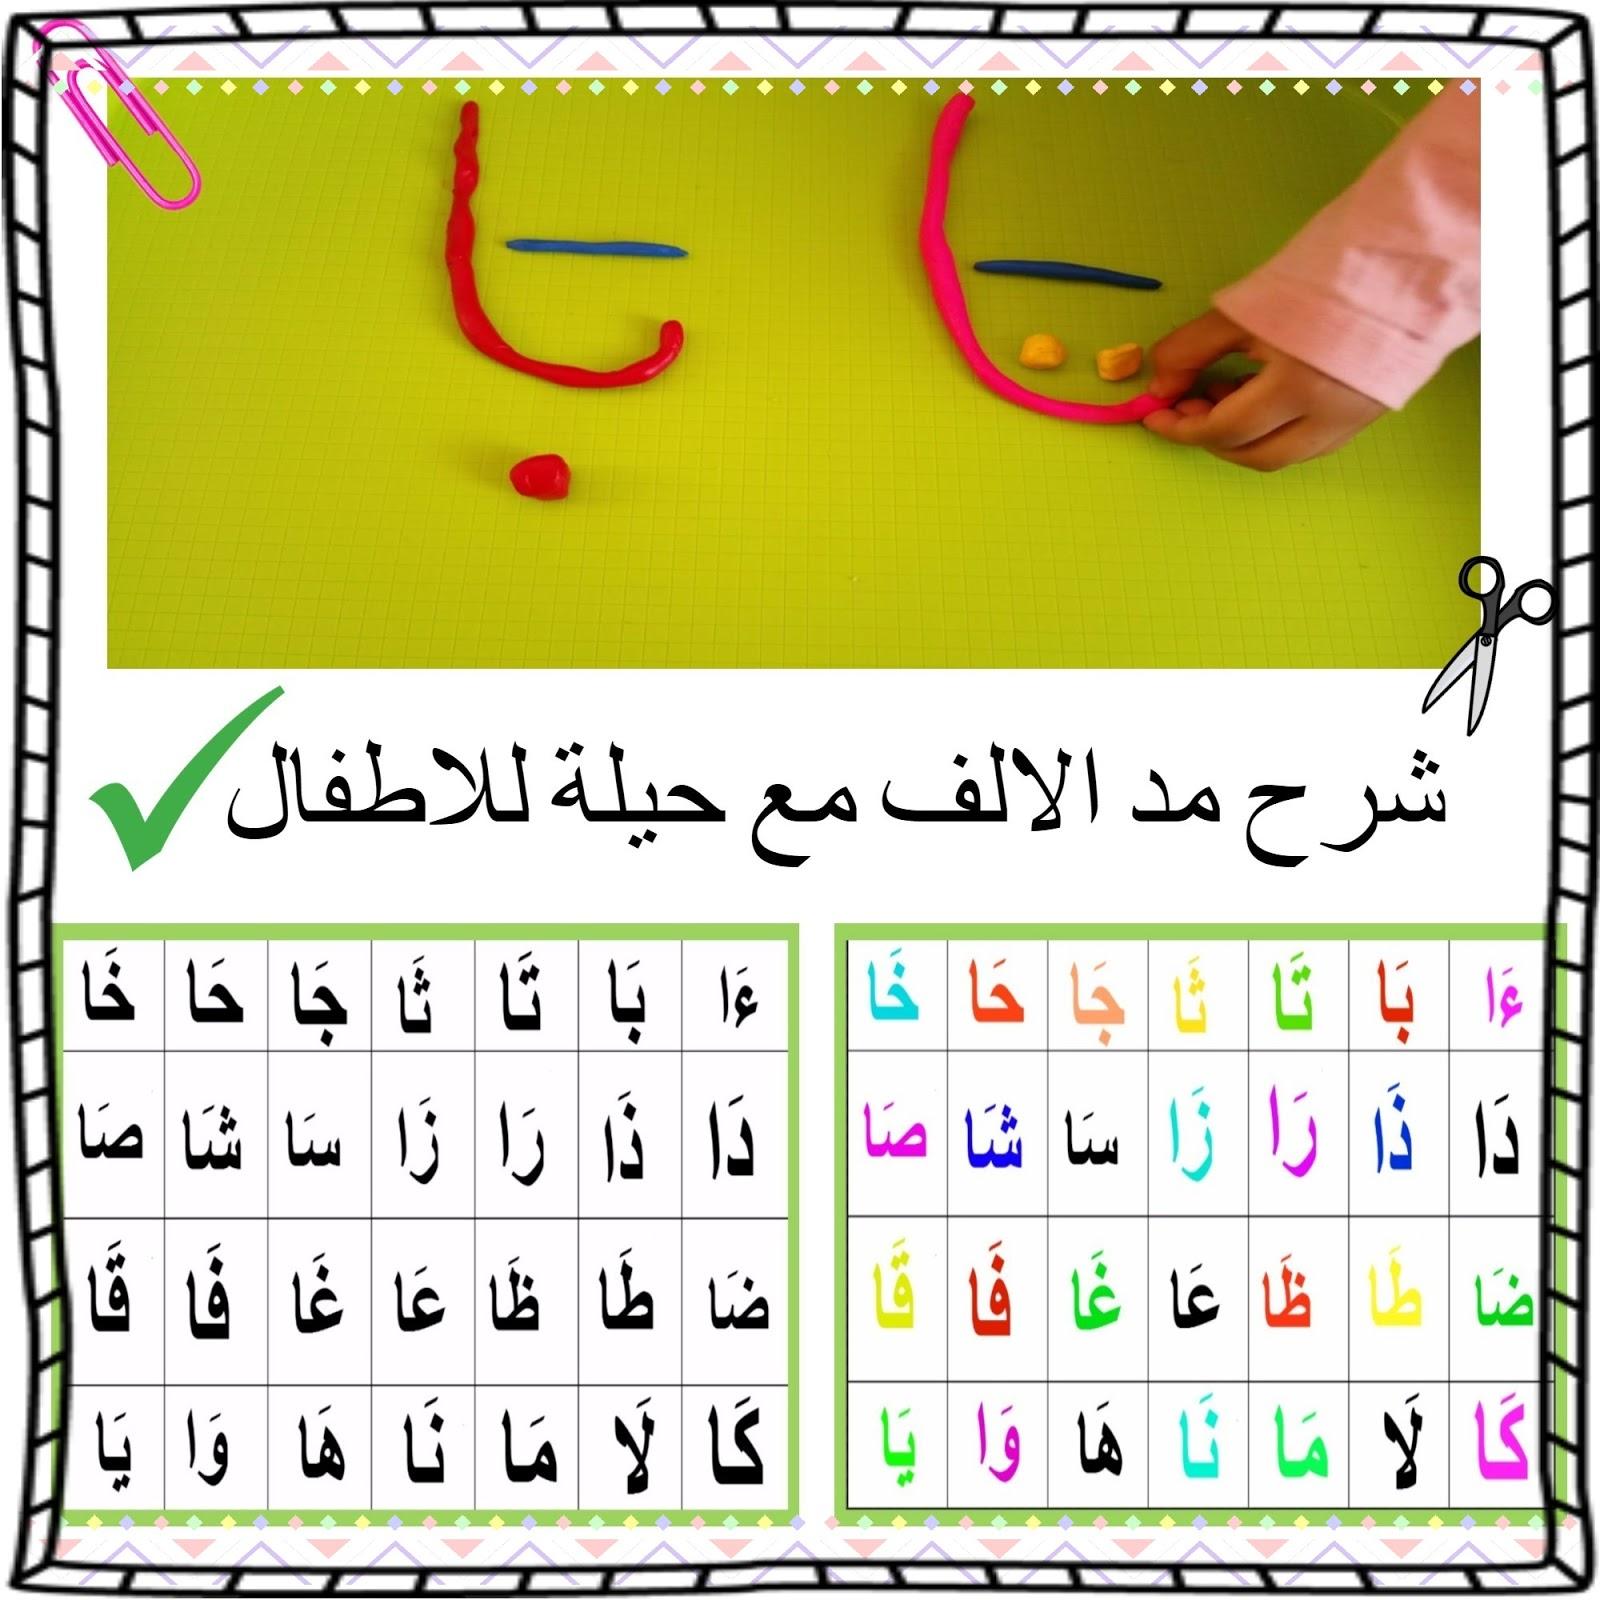 مد الالف شرح بالصور وحيلة سهلة للأطفال بالصلصال